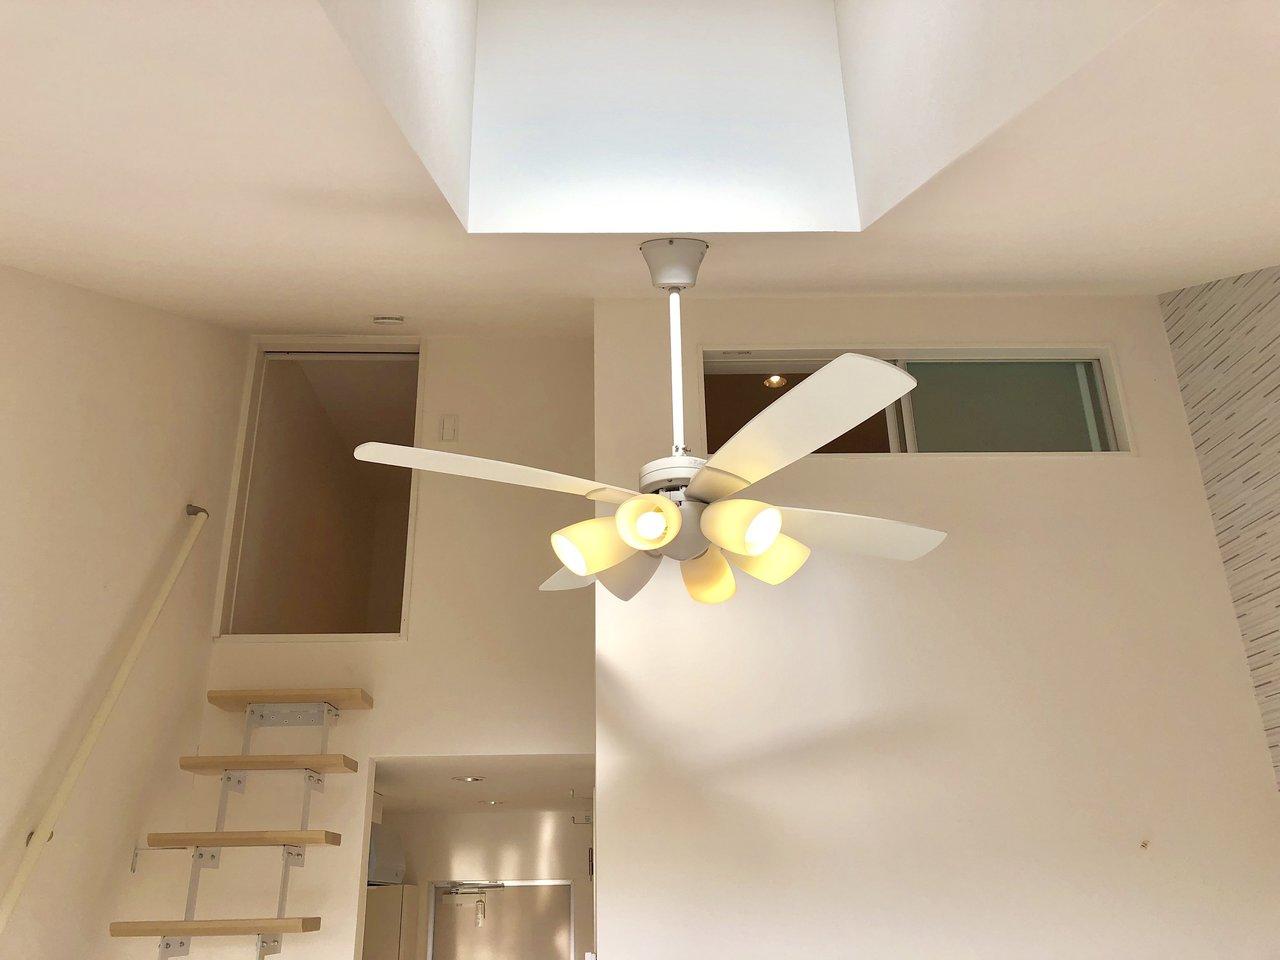 天井の高いお部屋って、空間が広く感じられておすすめです。こちらのお部屋は、高い天井に天窓&ロフト付き。